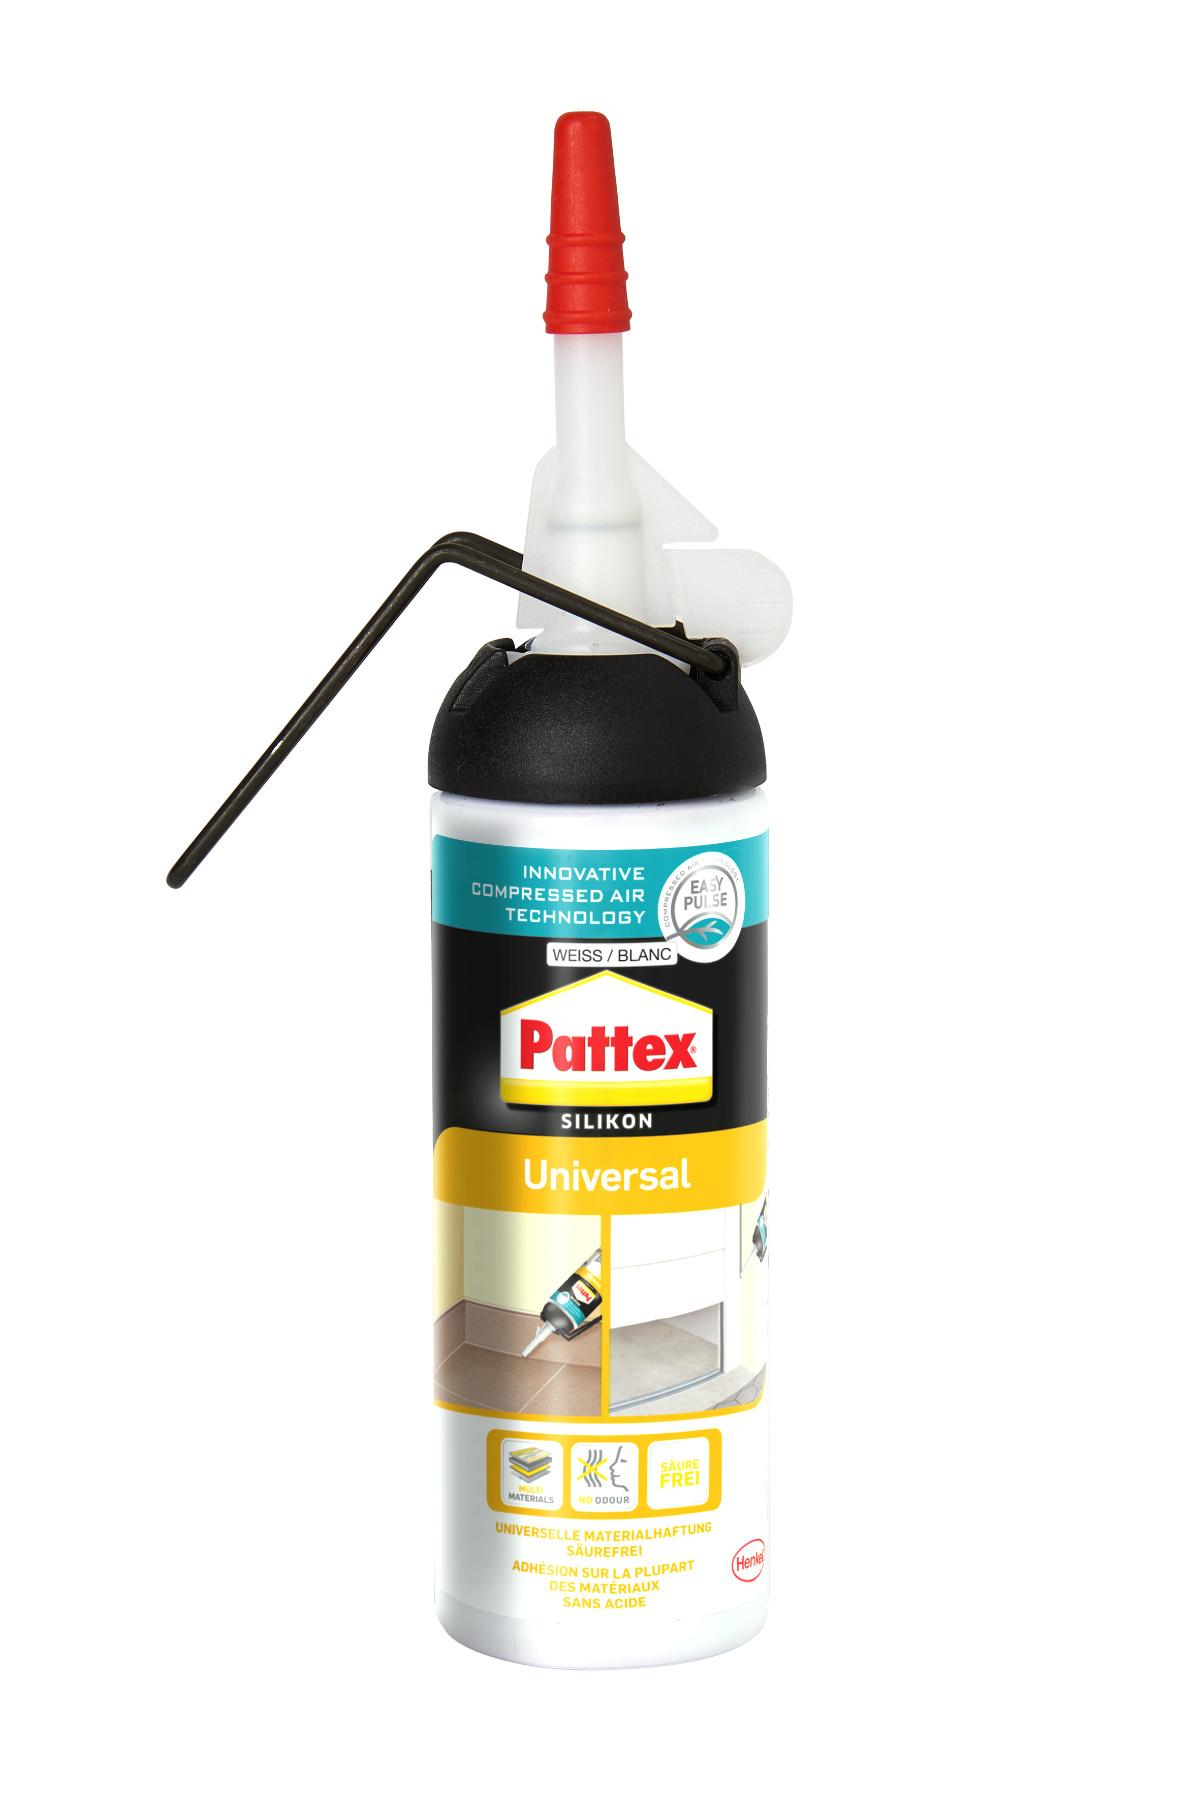 Pattex Universal Silikon weiß 100ml Bild 1